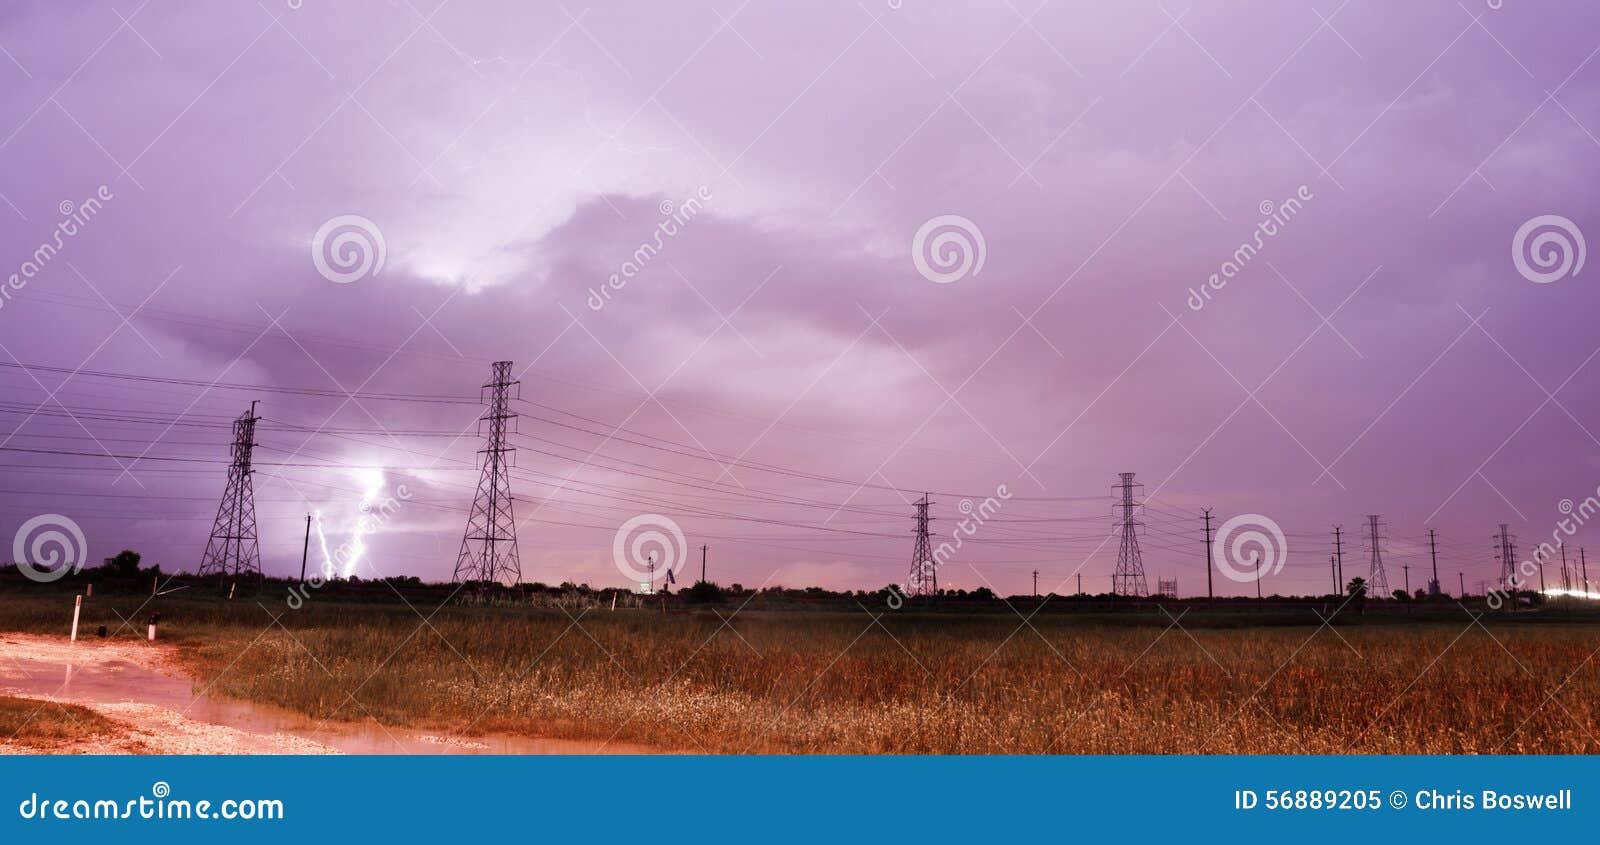 Le linee elettriche del fulmine di temporale della tempesta elettrica Galveston è